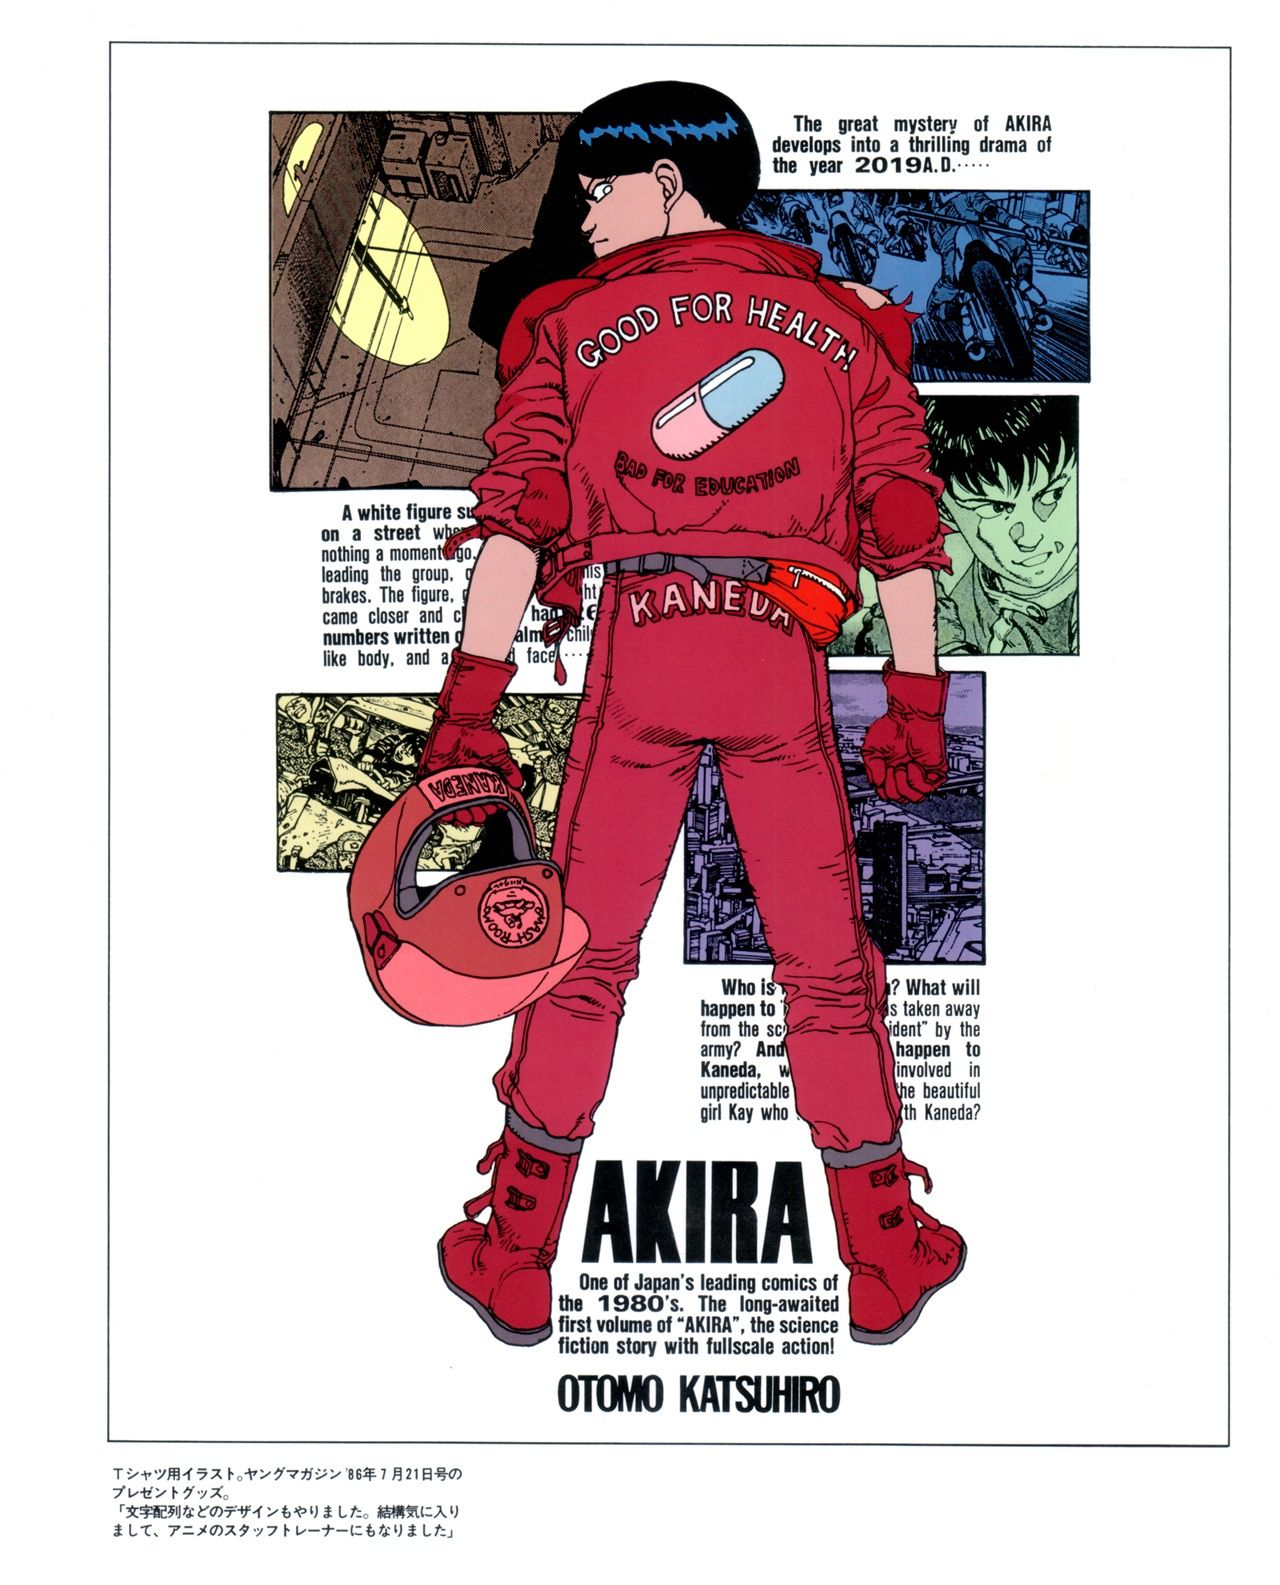 Akira anime animeotaku otaku anime art otakue art